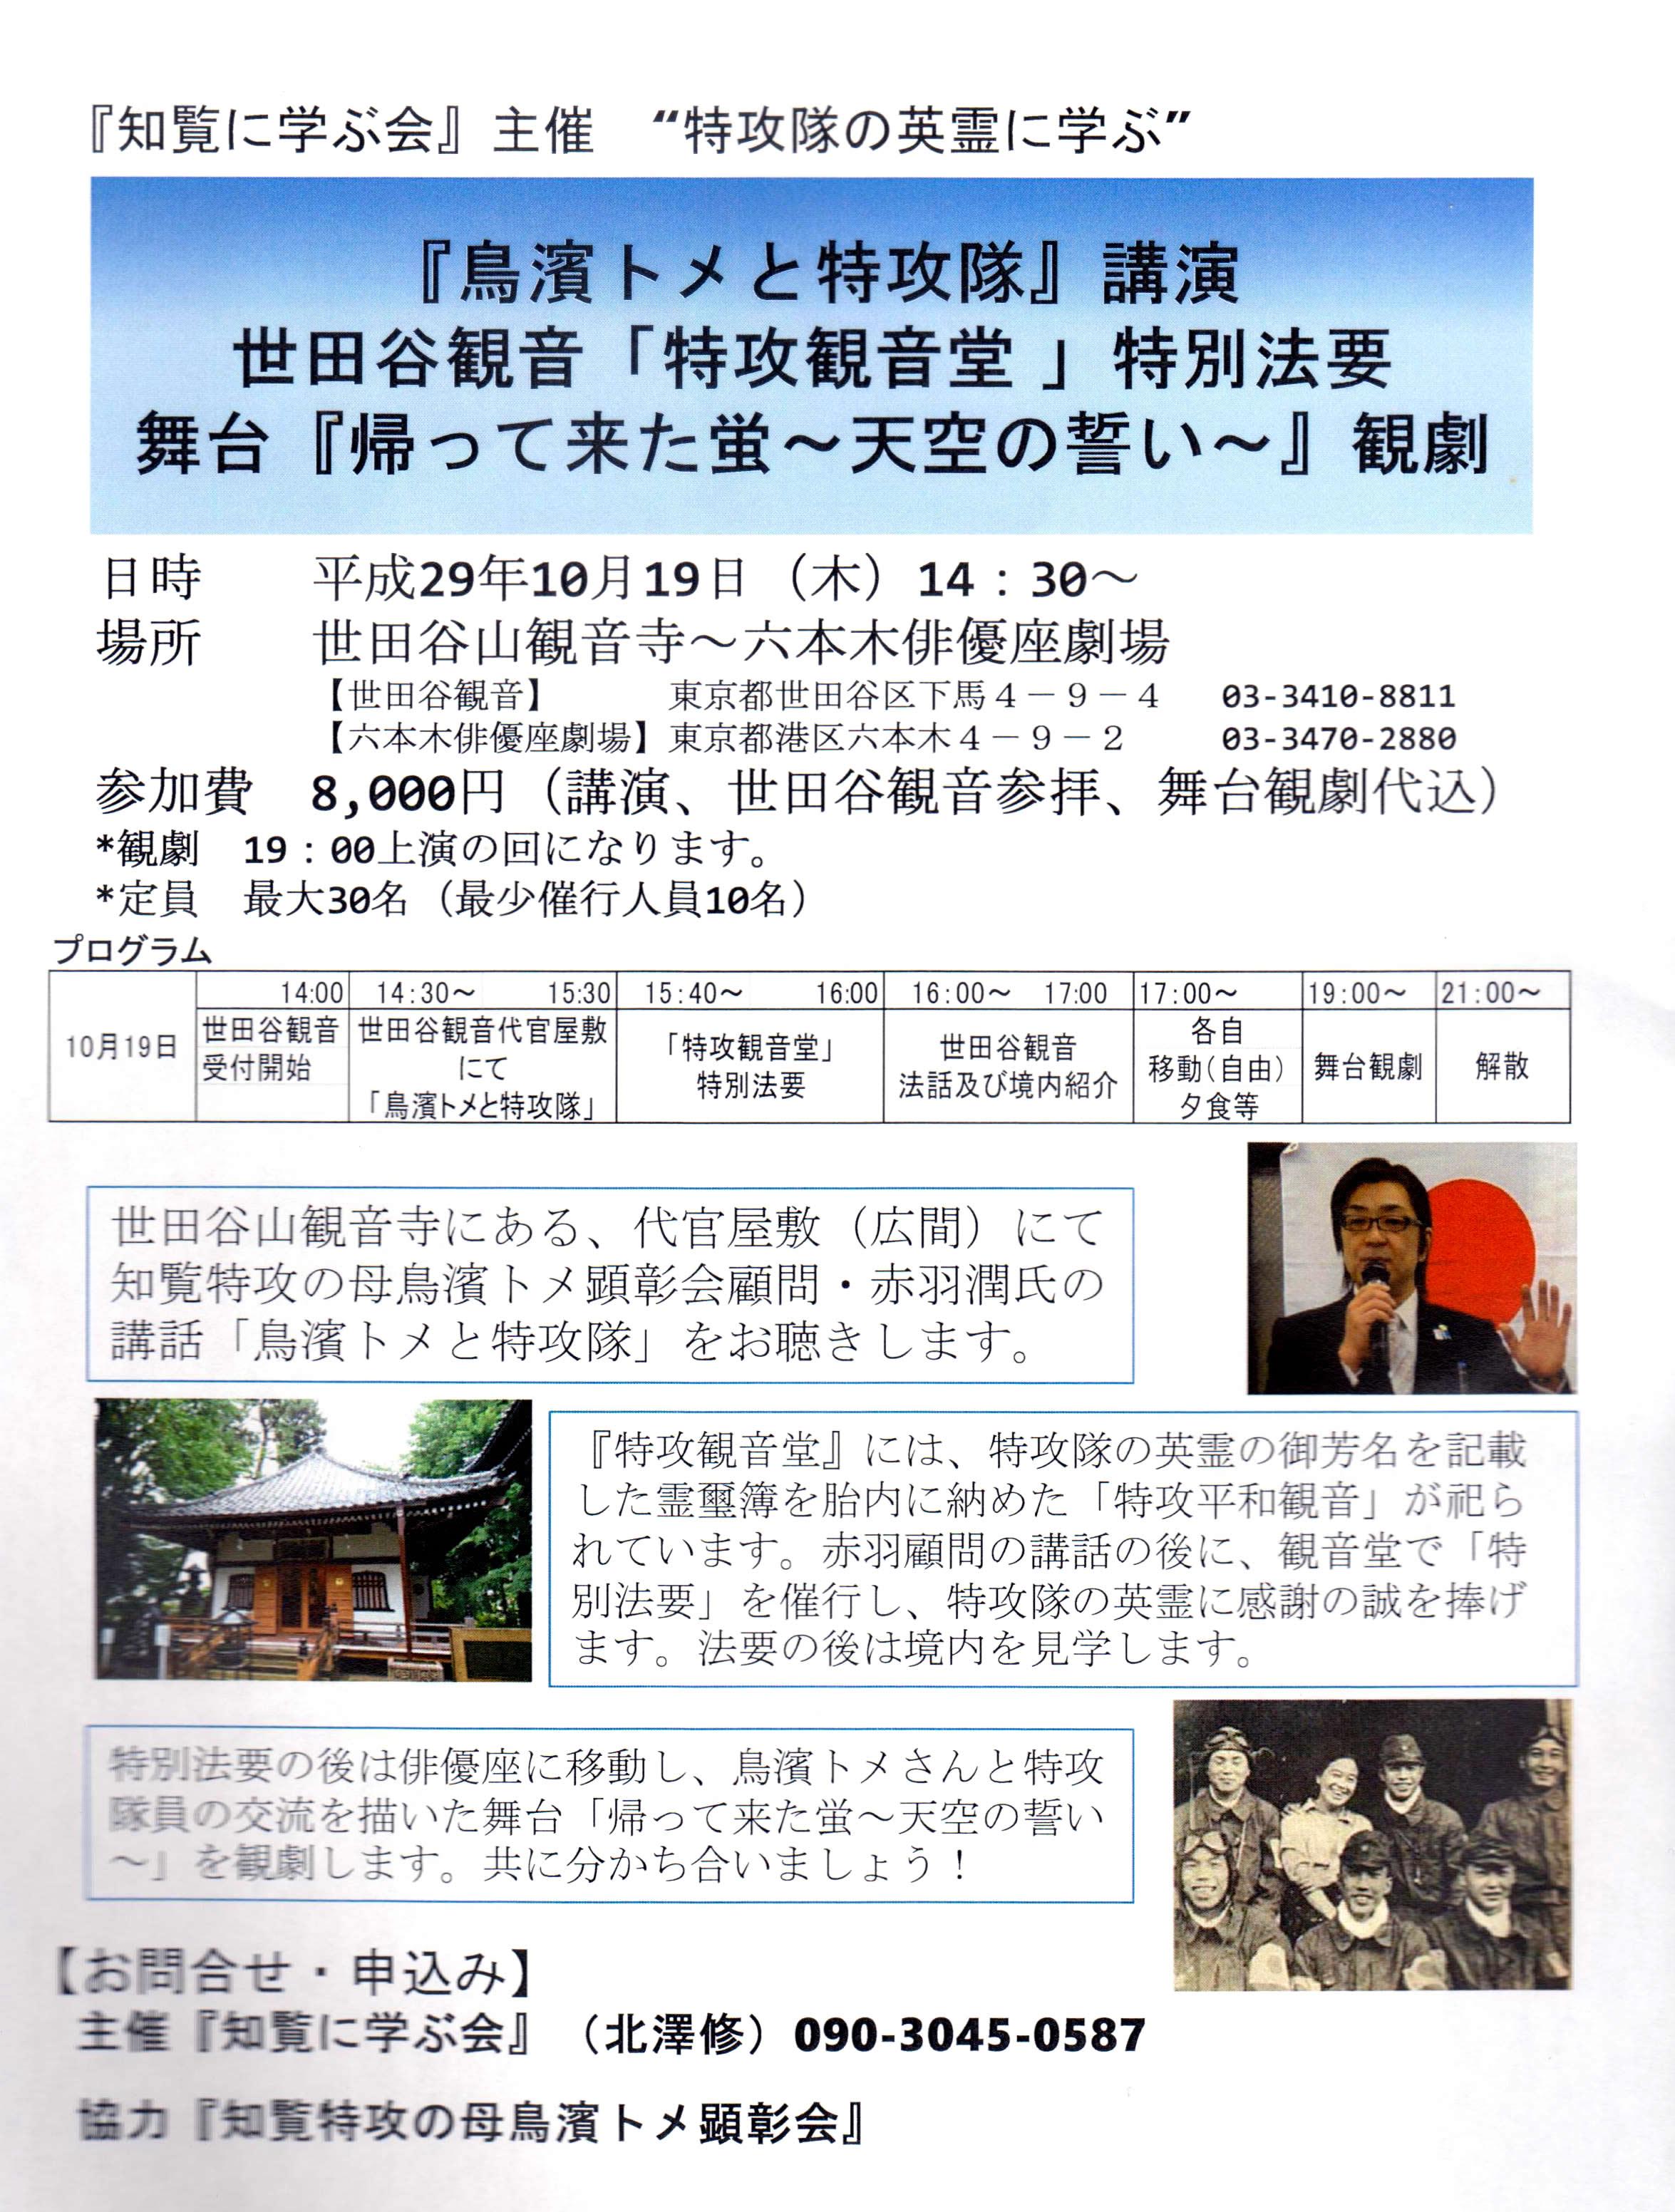 4 001 - 2017年10月7日(土)東京思風塾開催しました。テーマ「愛ある子育てとは~思春期から社会人へ~」